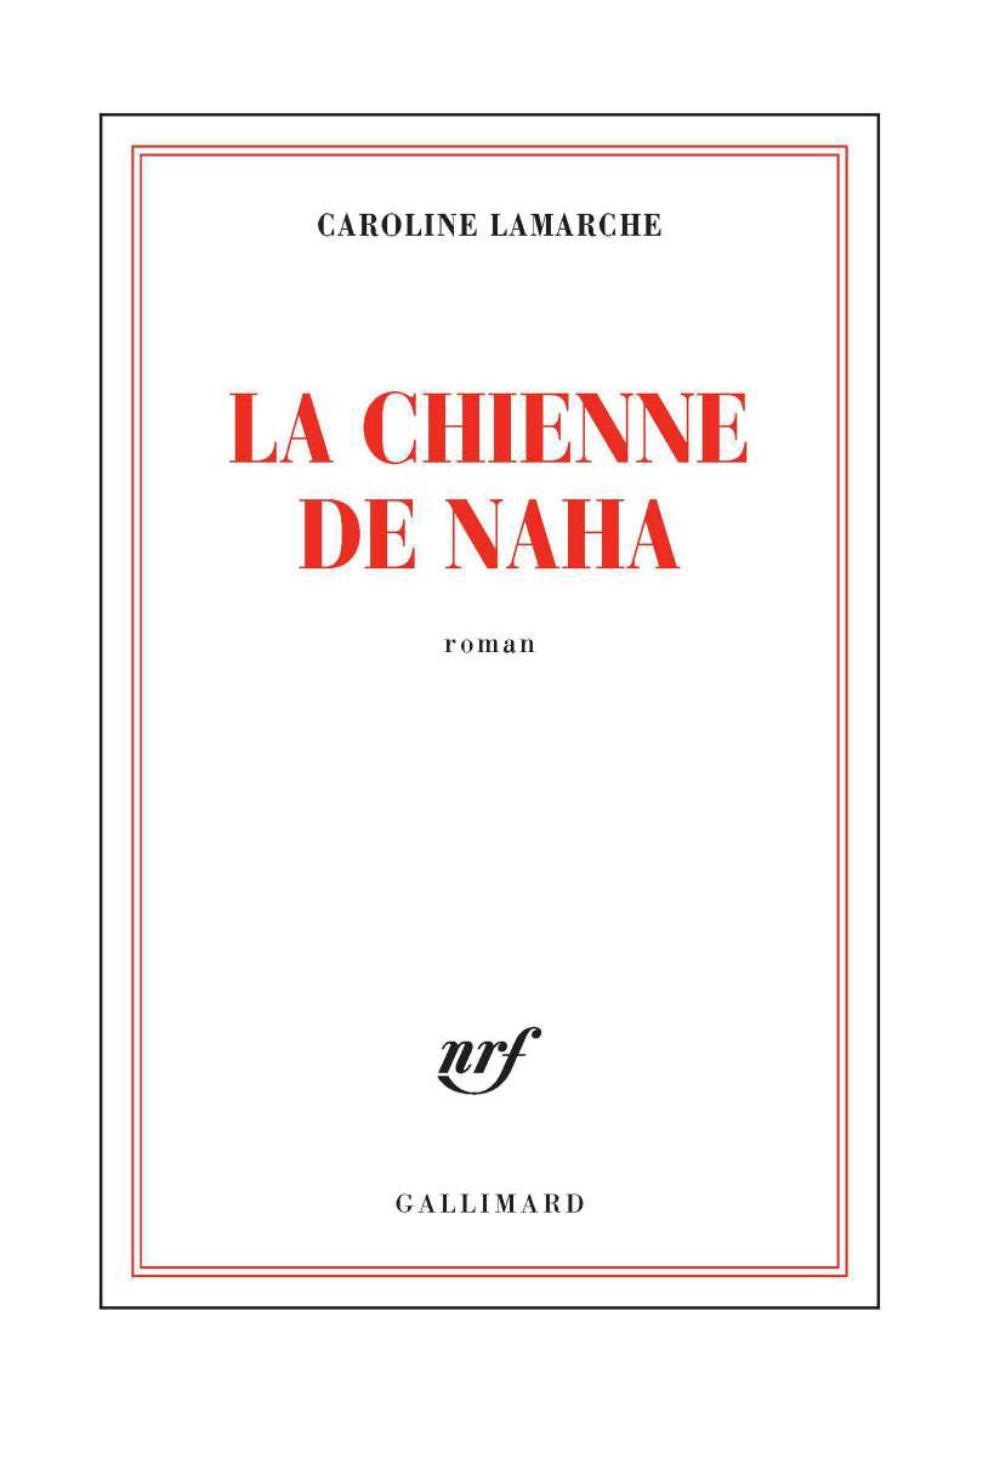 La Chienne de Naha